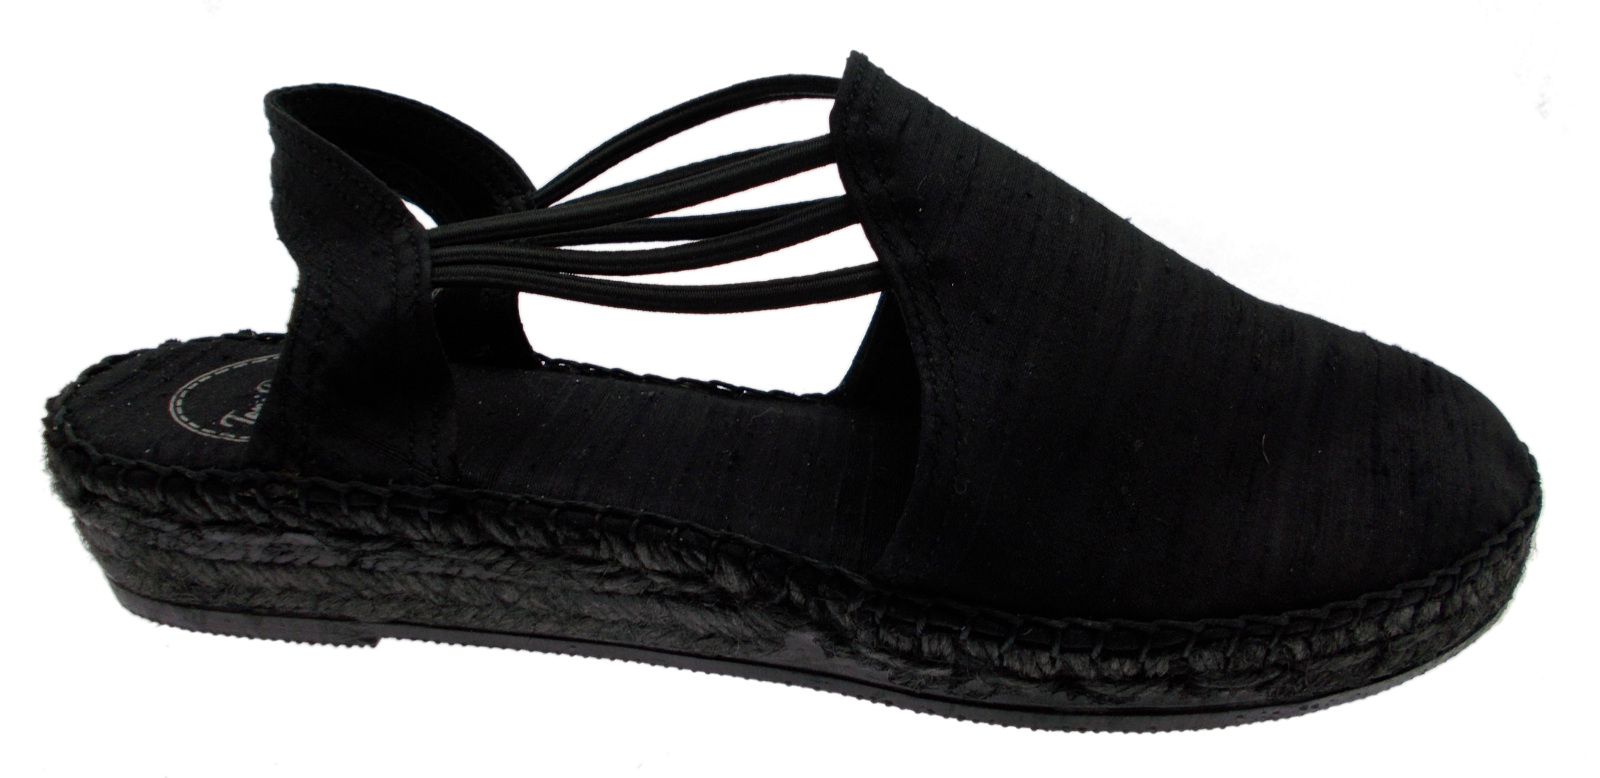 Último gran descuento sandalo corda nero  raso chiuso zeppa art NEUS animal free espadrillas Toni Pons